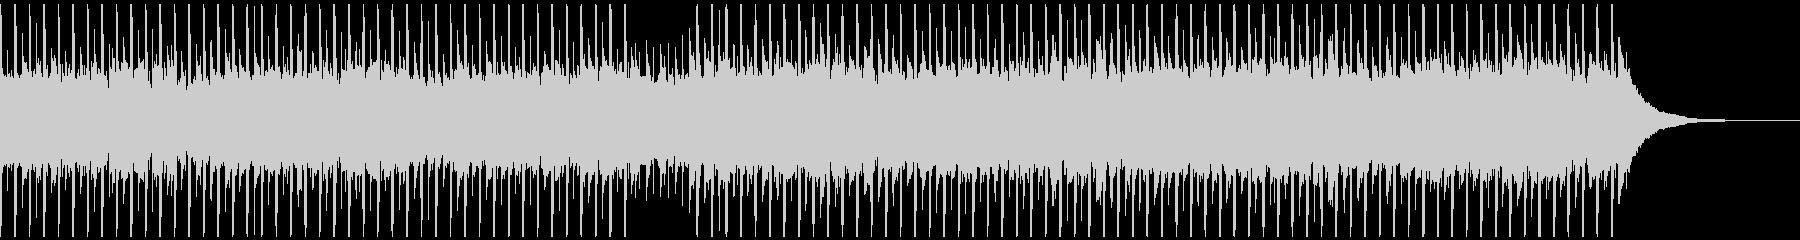 仕事(60秒)の未再生の波形